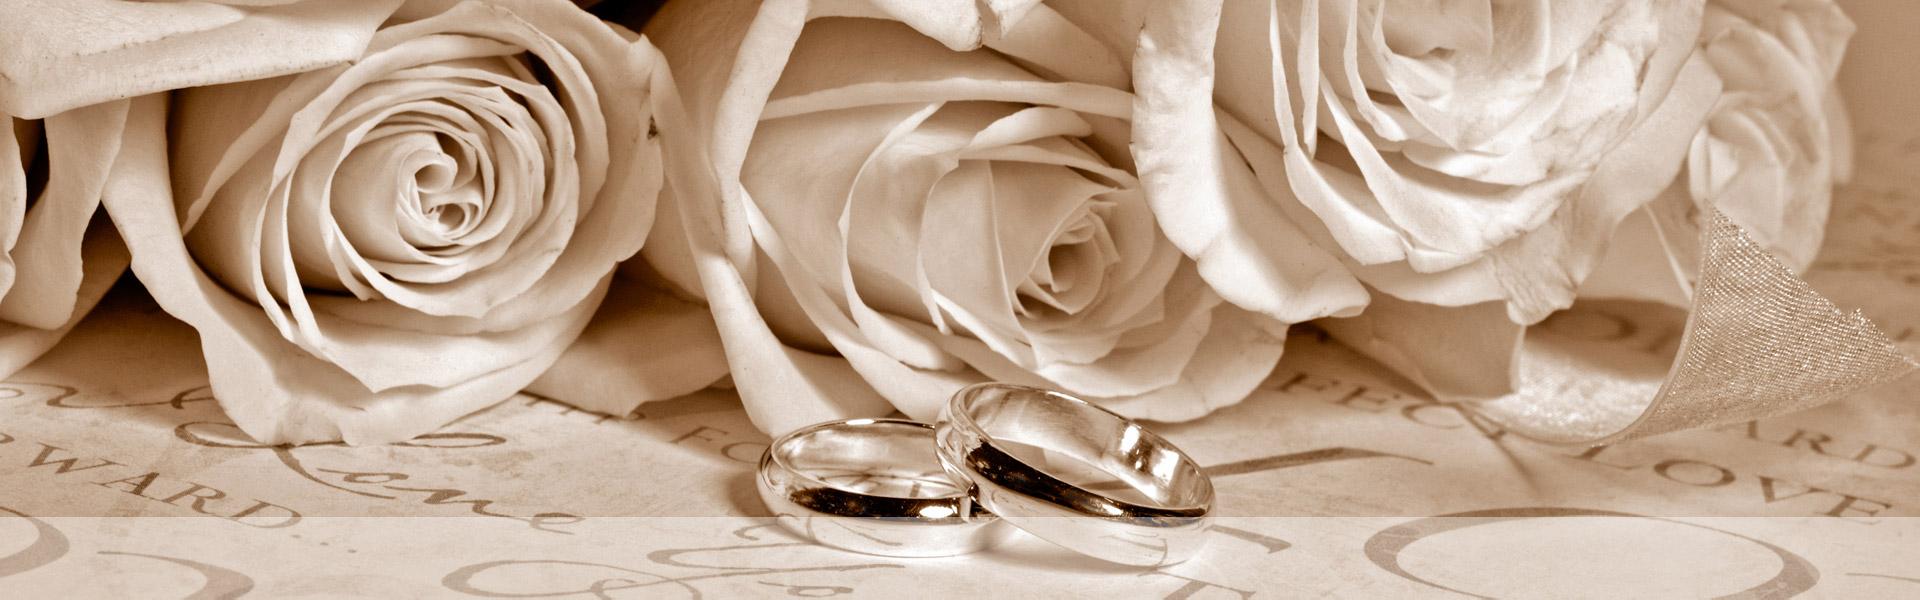 Cuscini per fedi nuziali con fiori : Fedi nuziali personalizzate gioielleria fanton gioielli